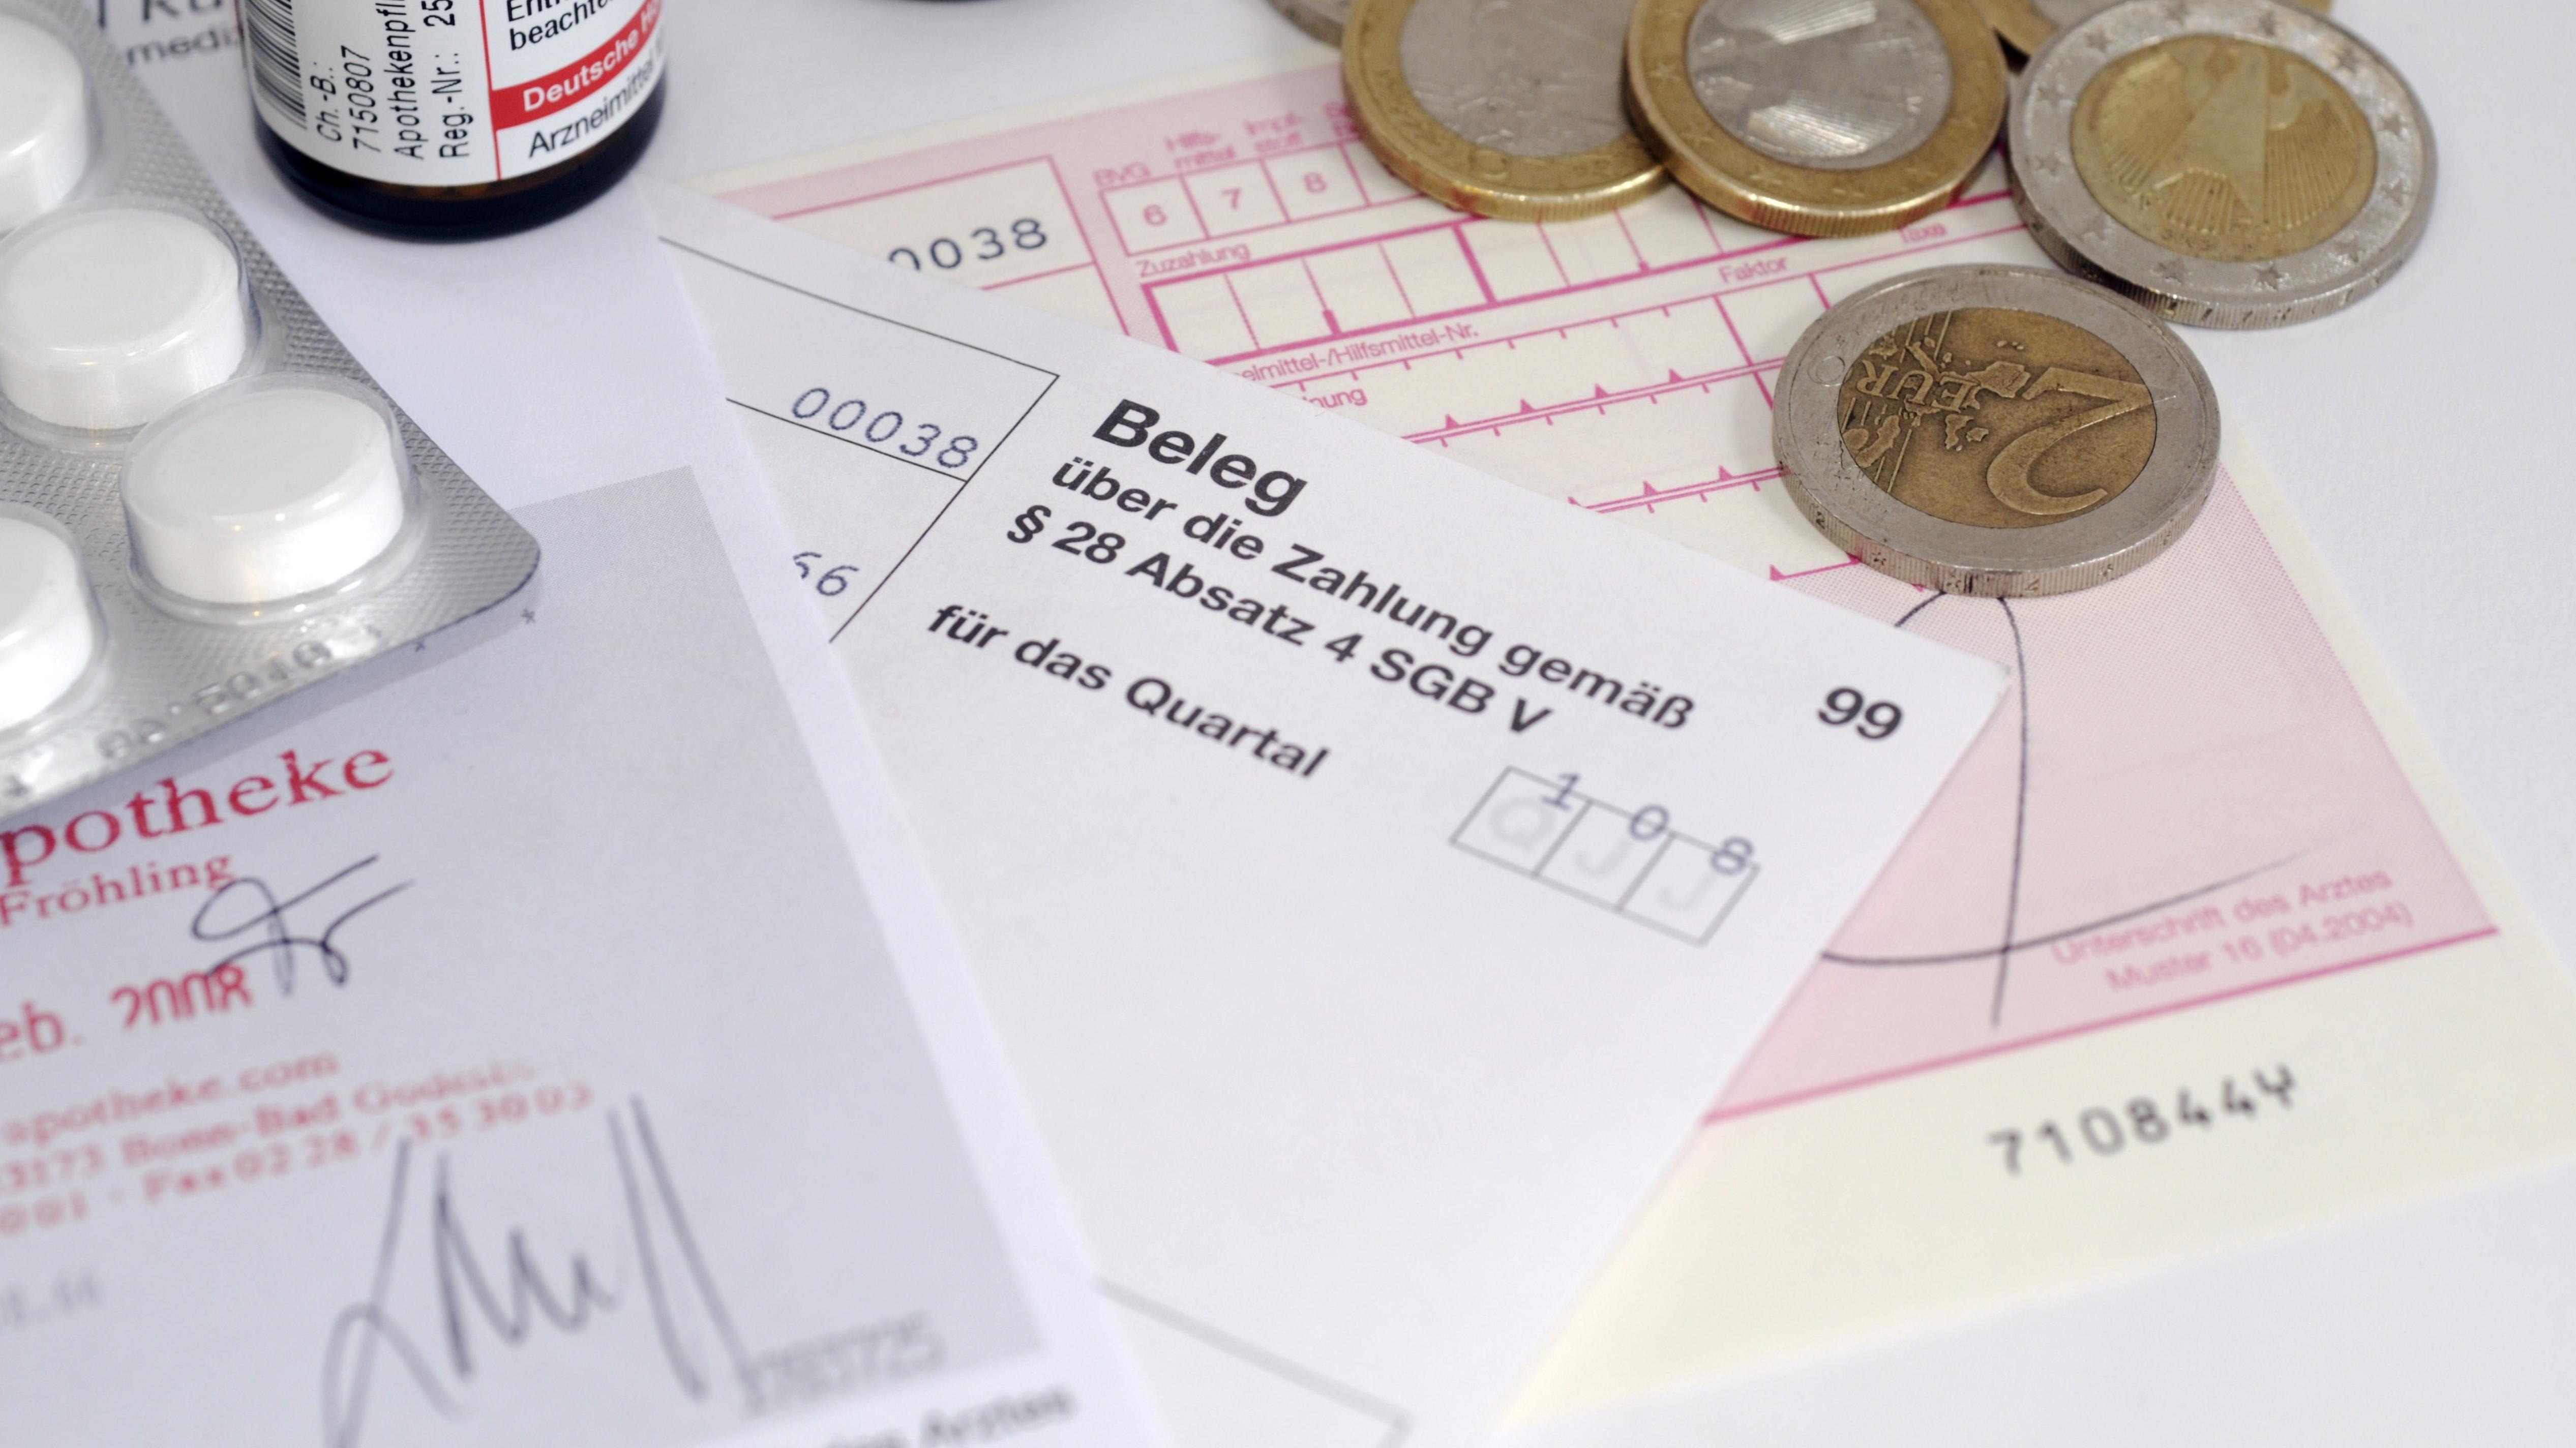 Symbolbild mit Kassenrezept, Tabletten und Geld